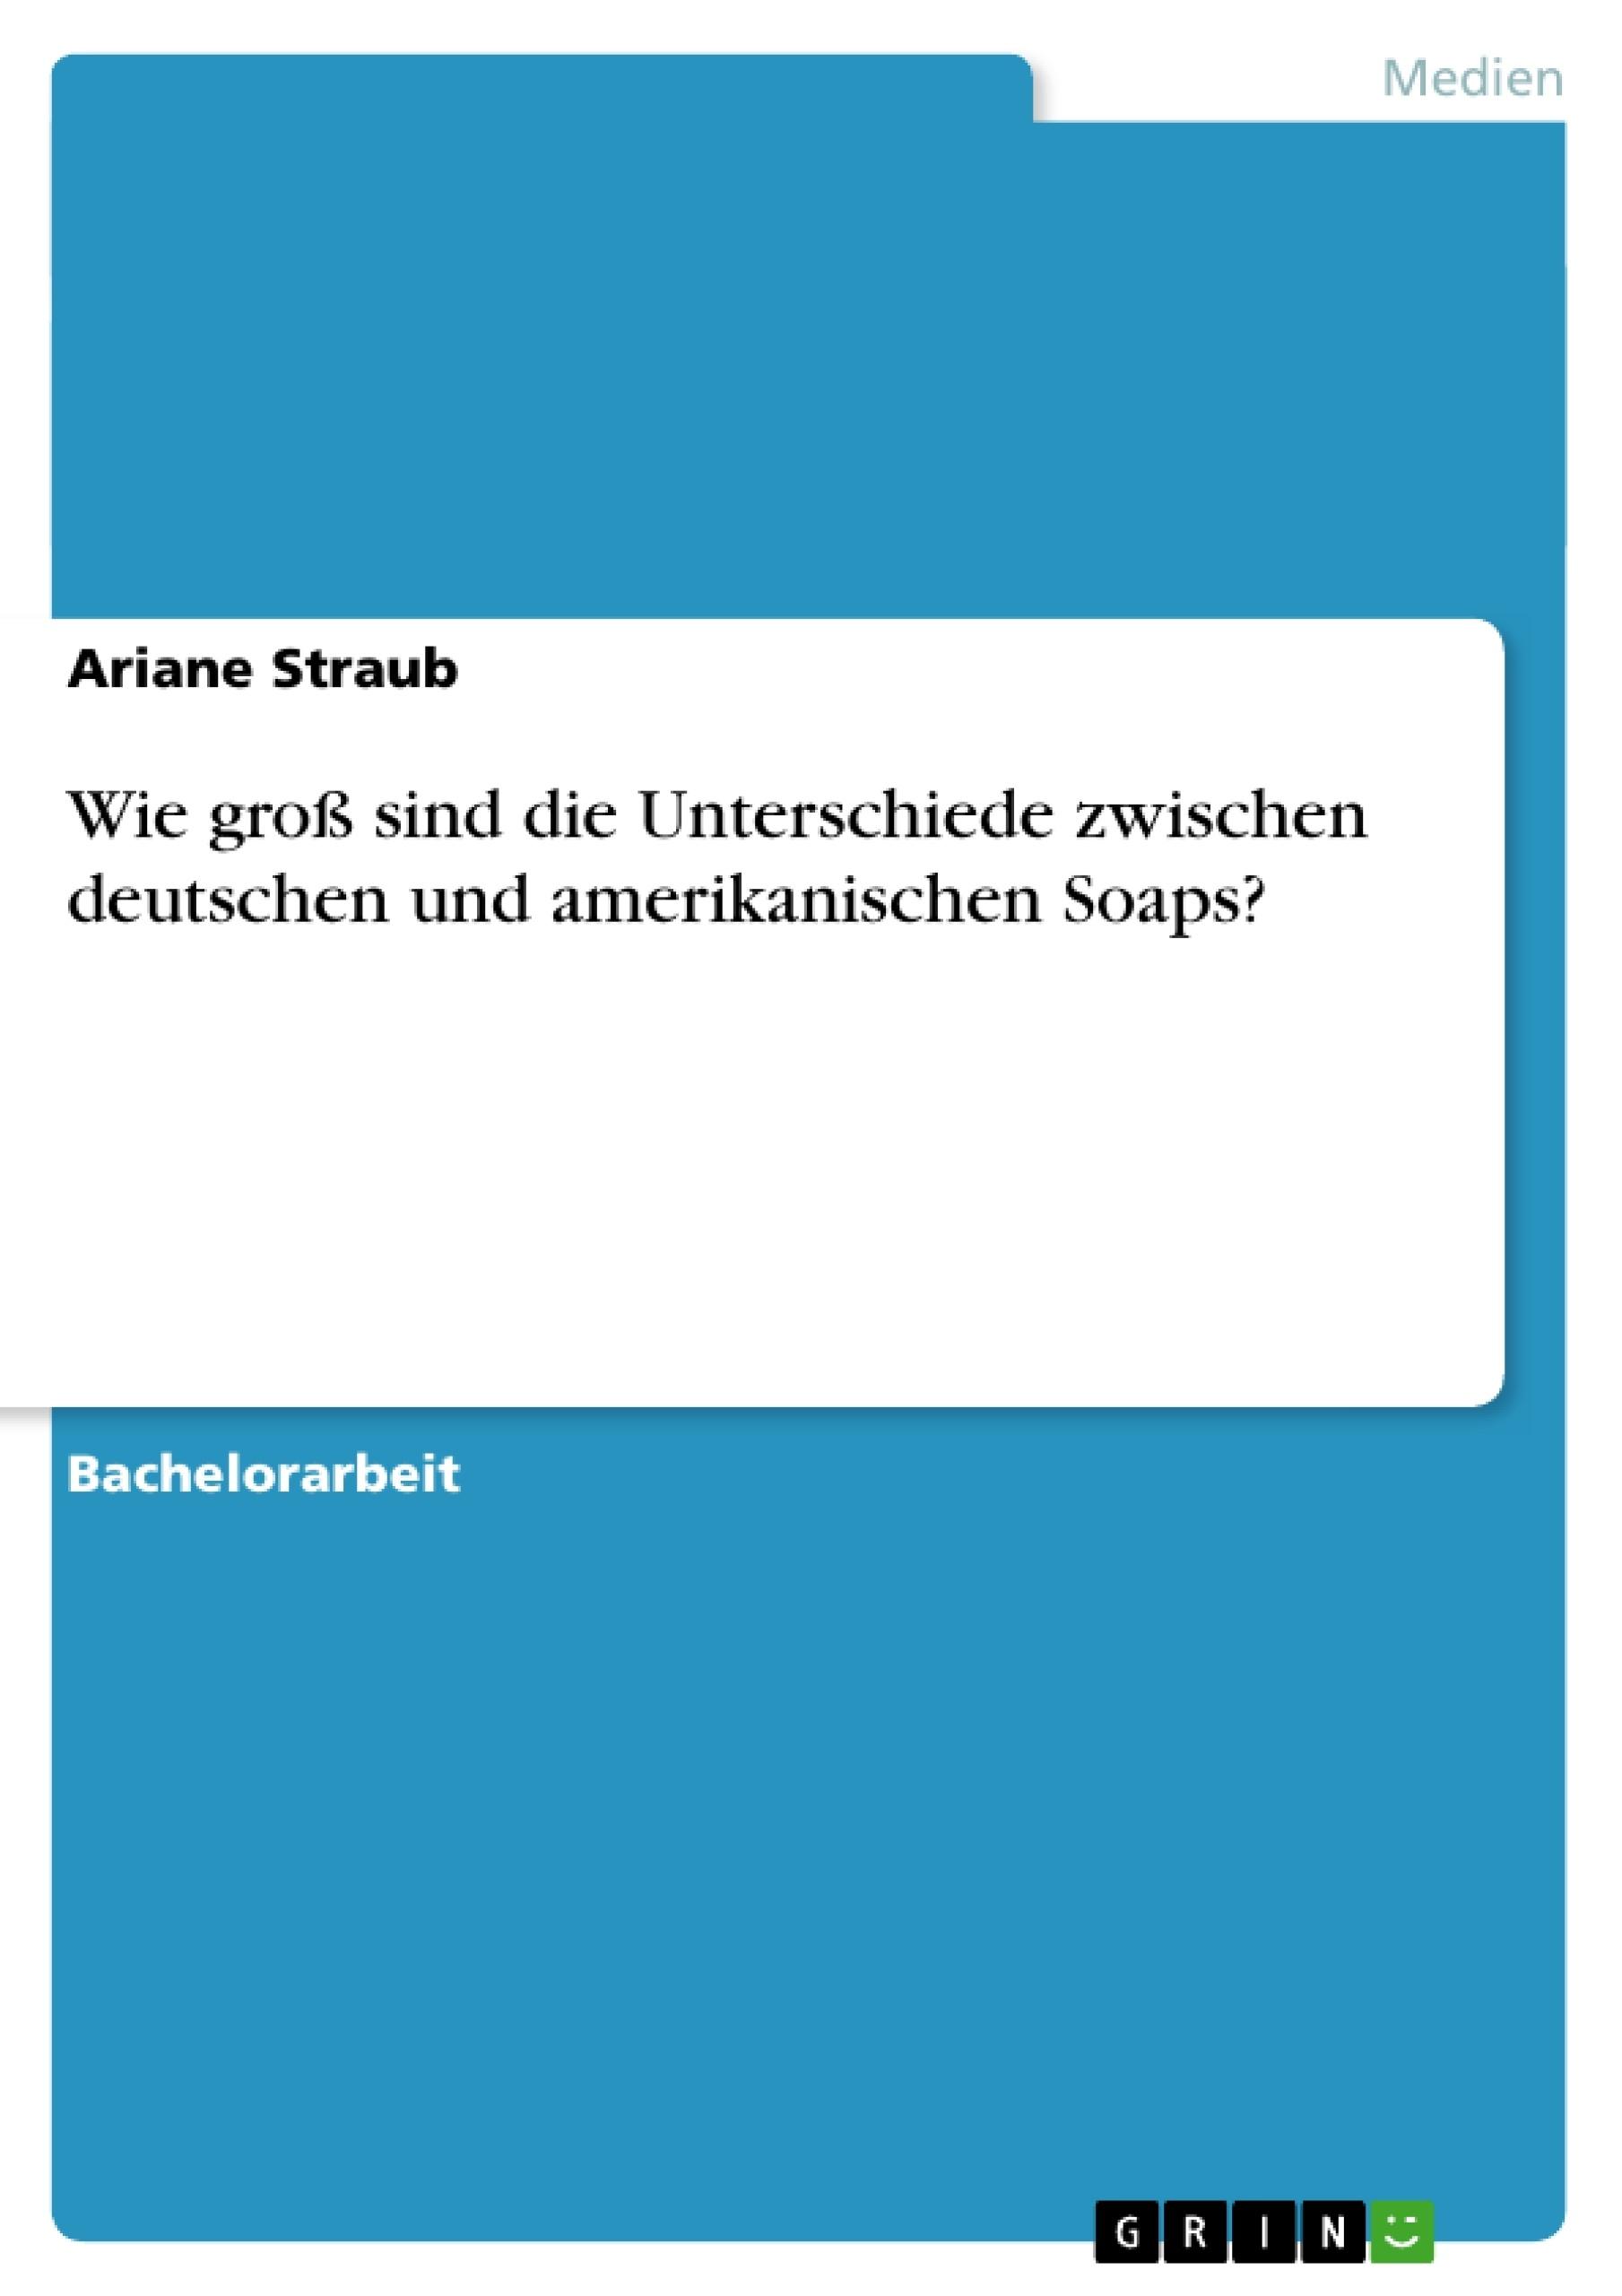 Titel: Wie groß sind die Unterschiede zwischen deutschen und amerikanischen Soaps?